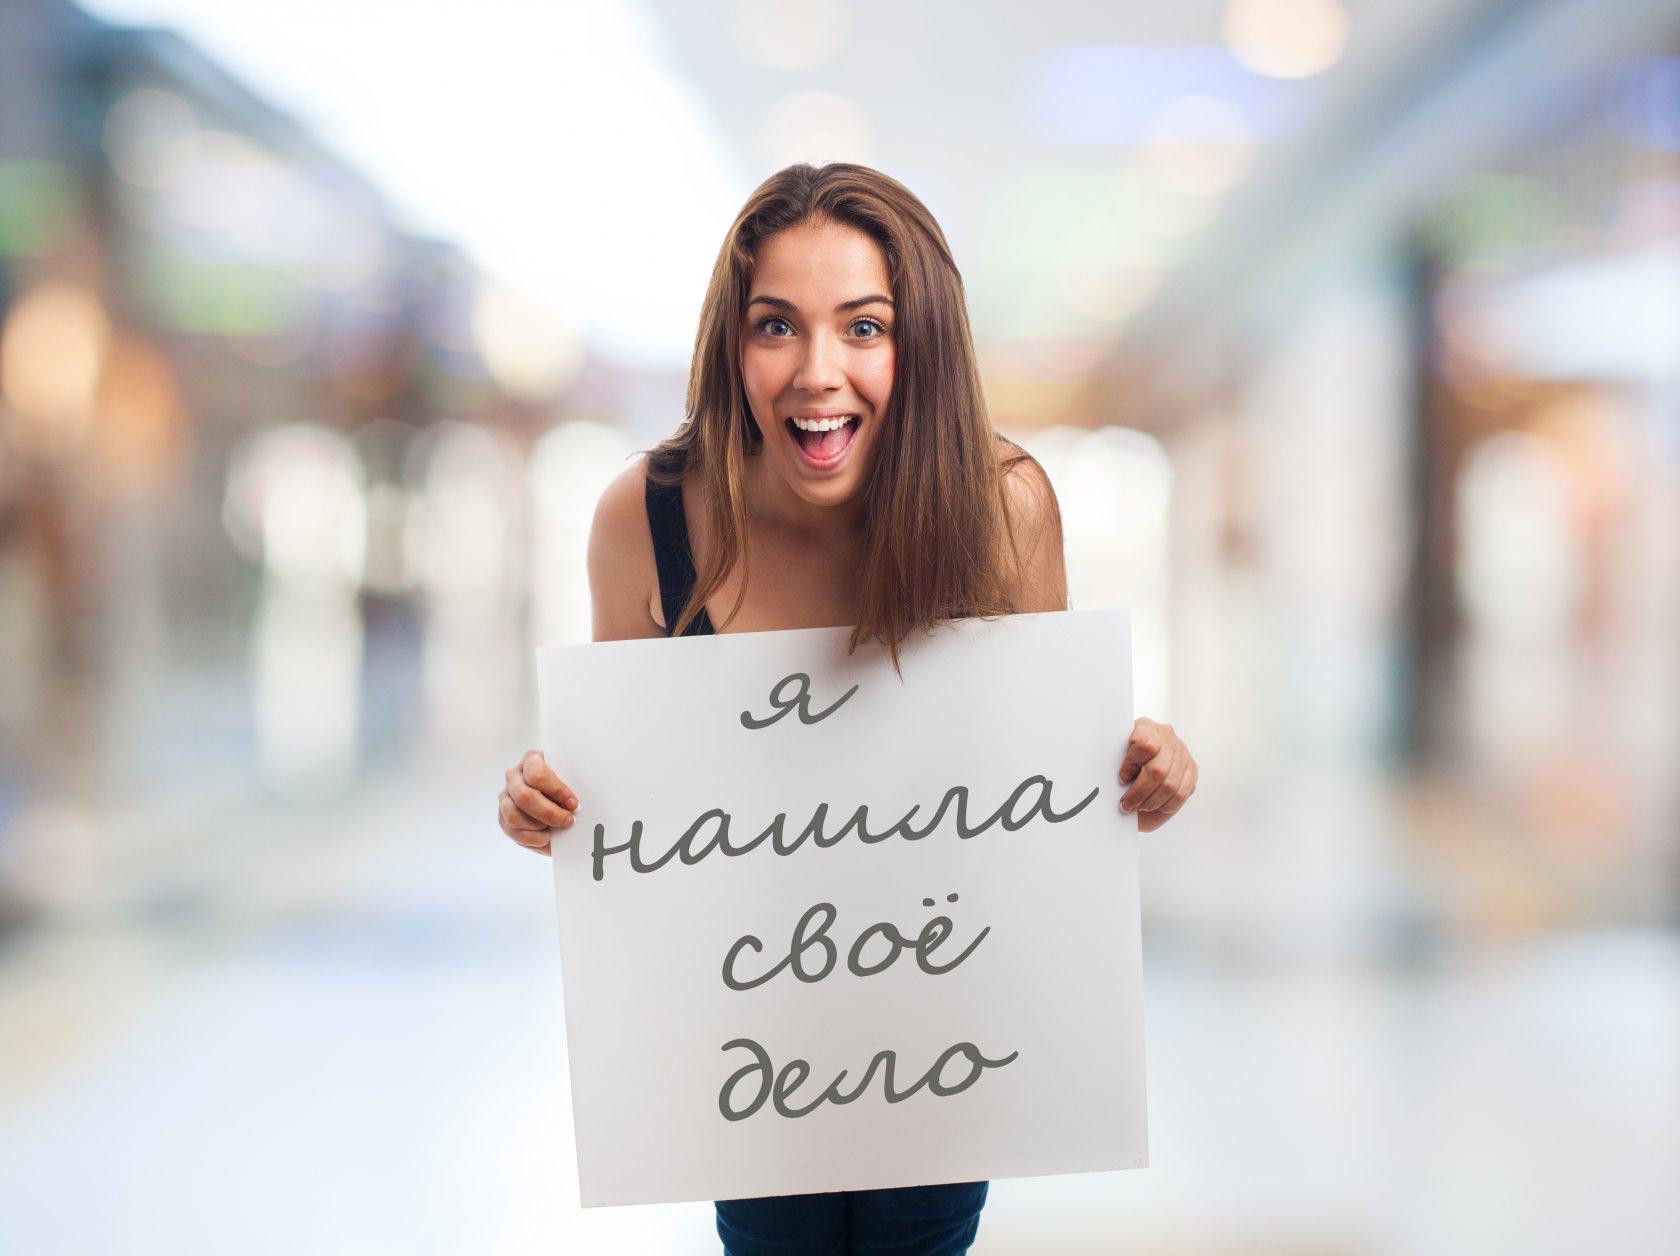 Фото девушки с табличкой для имени